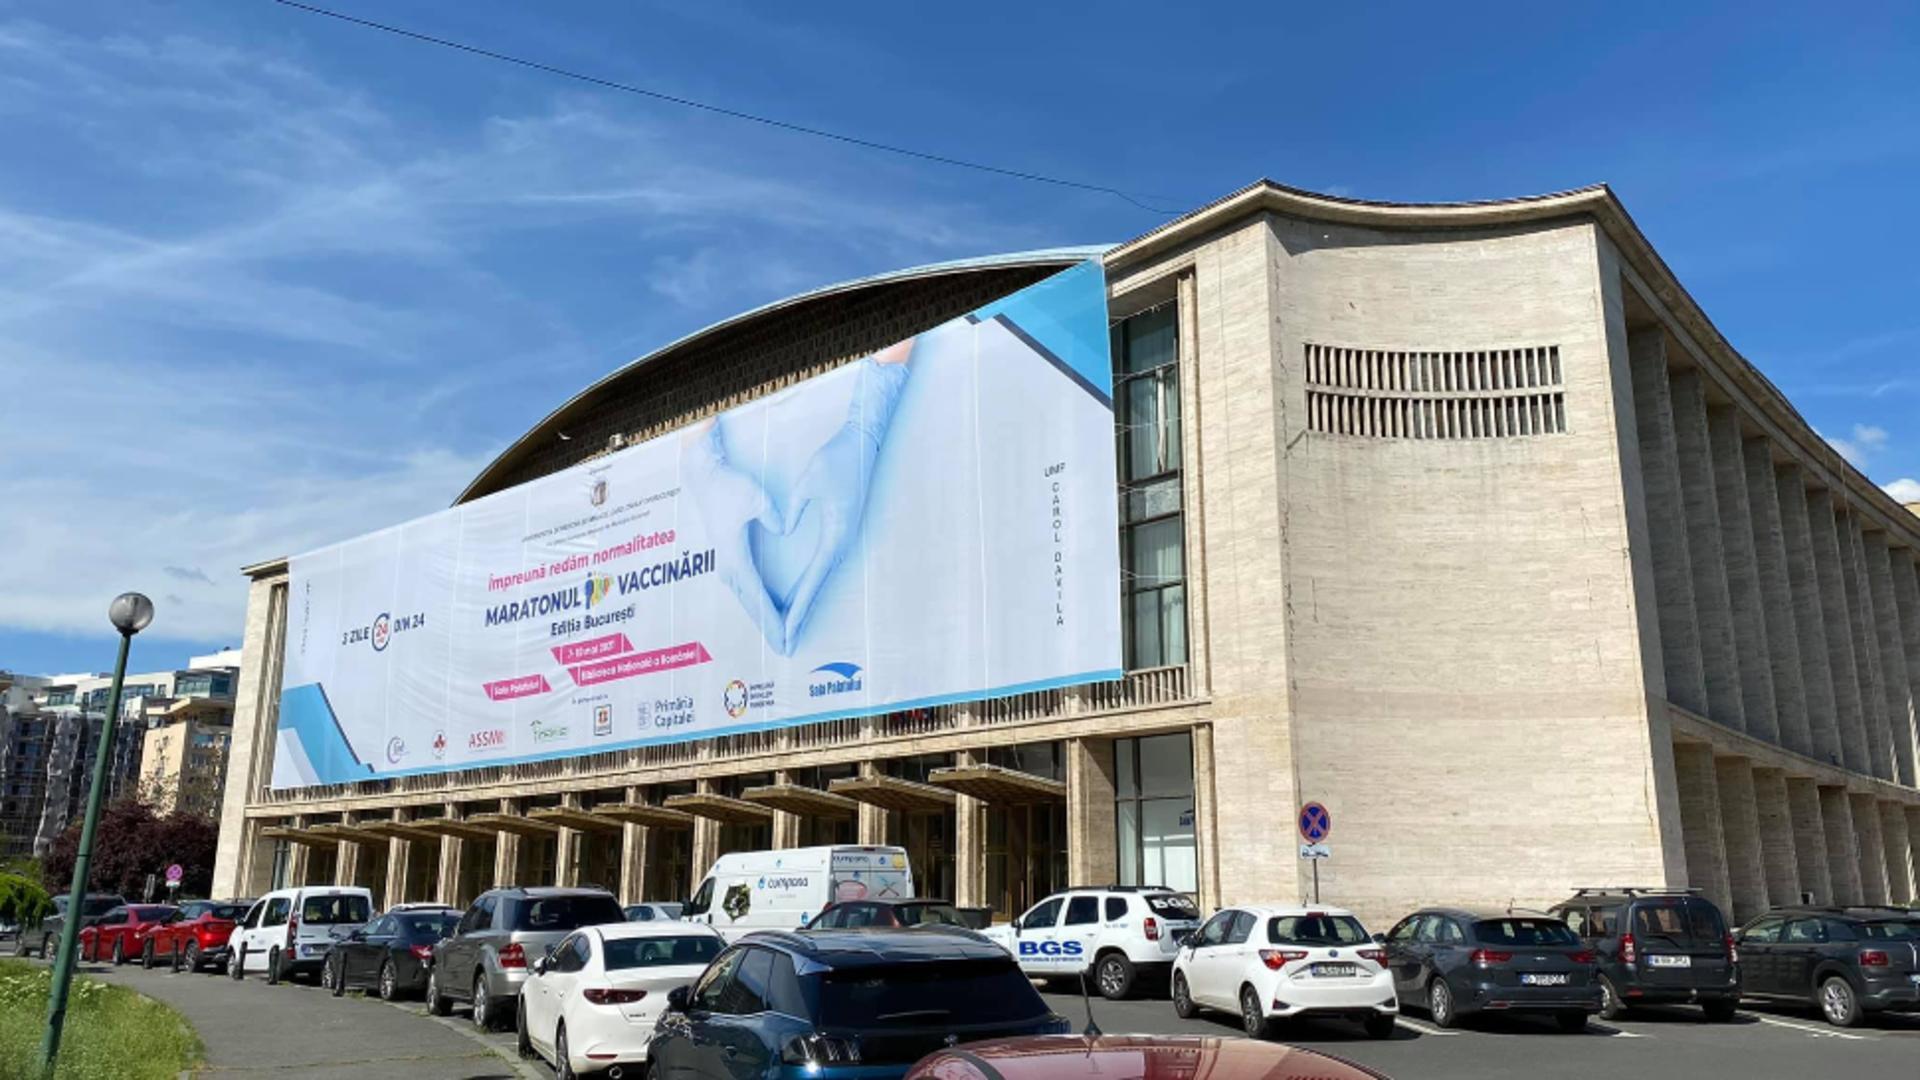 Maratonul vaccinării București